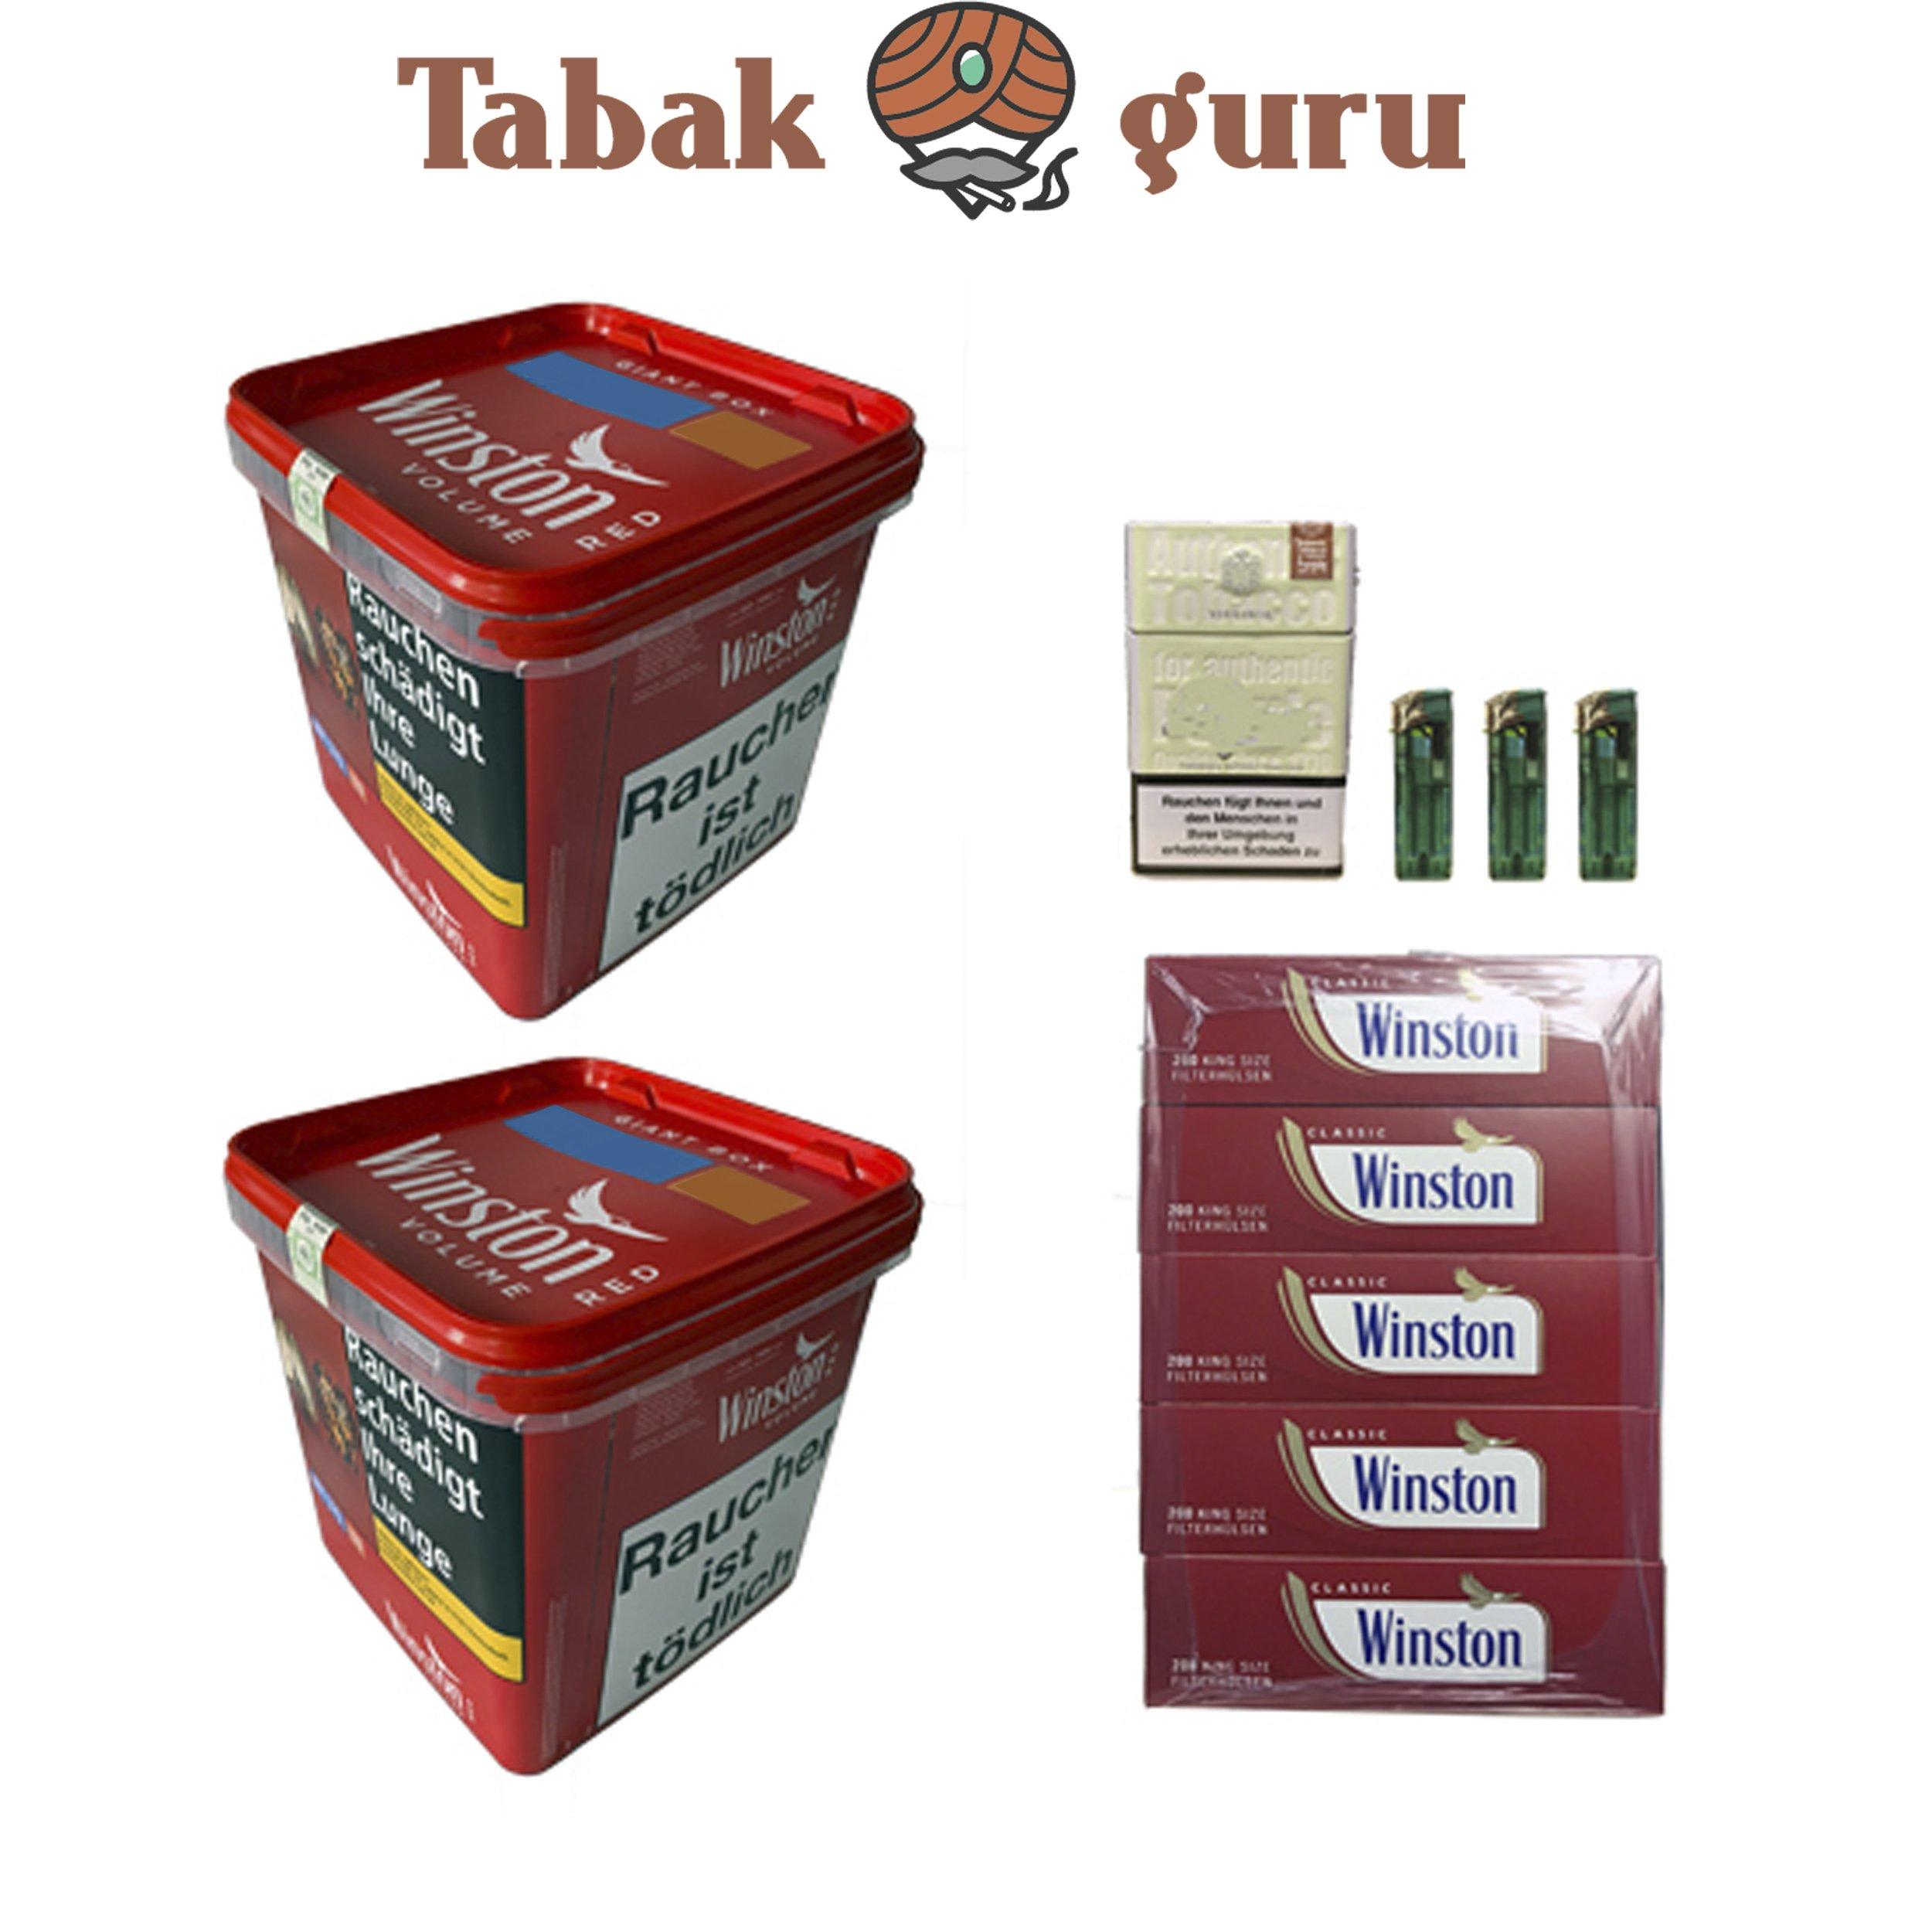 2x Winston Classic Red / Rot Giant Box 280g Volumentabak, Hülsen, Box, Feuerzeuge